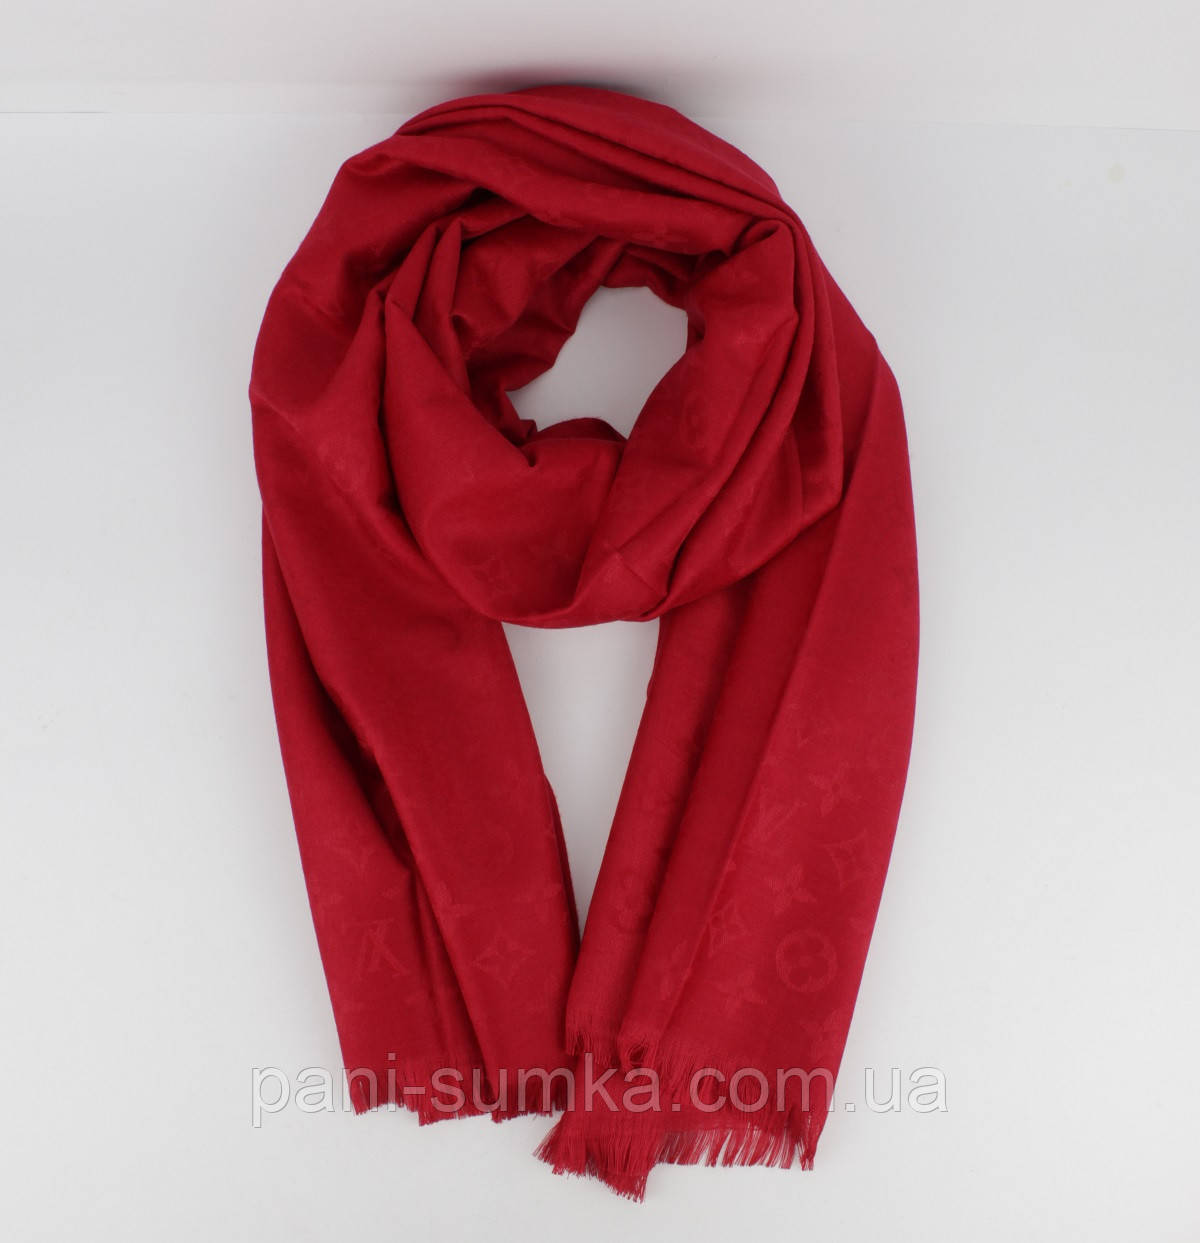 Кашемировый палантин Louis Vuitton 8881-24 красный двусторонний, фото 1 e75a4626df2